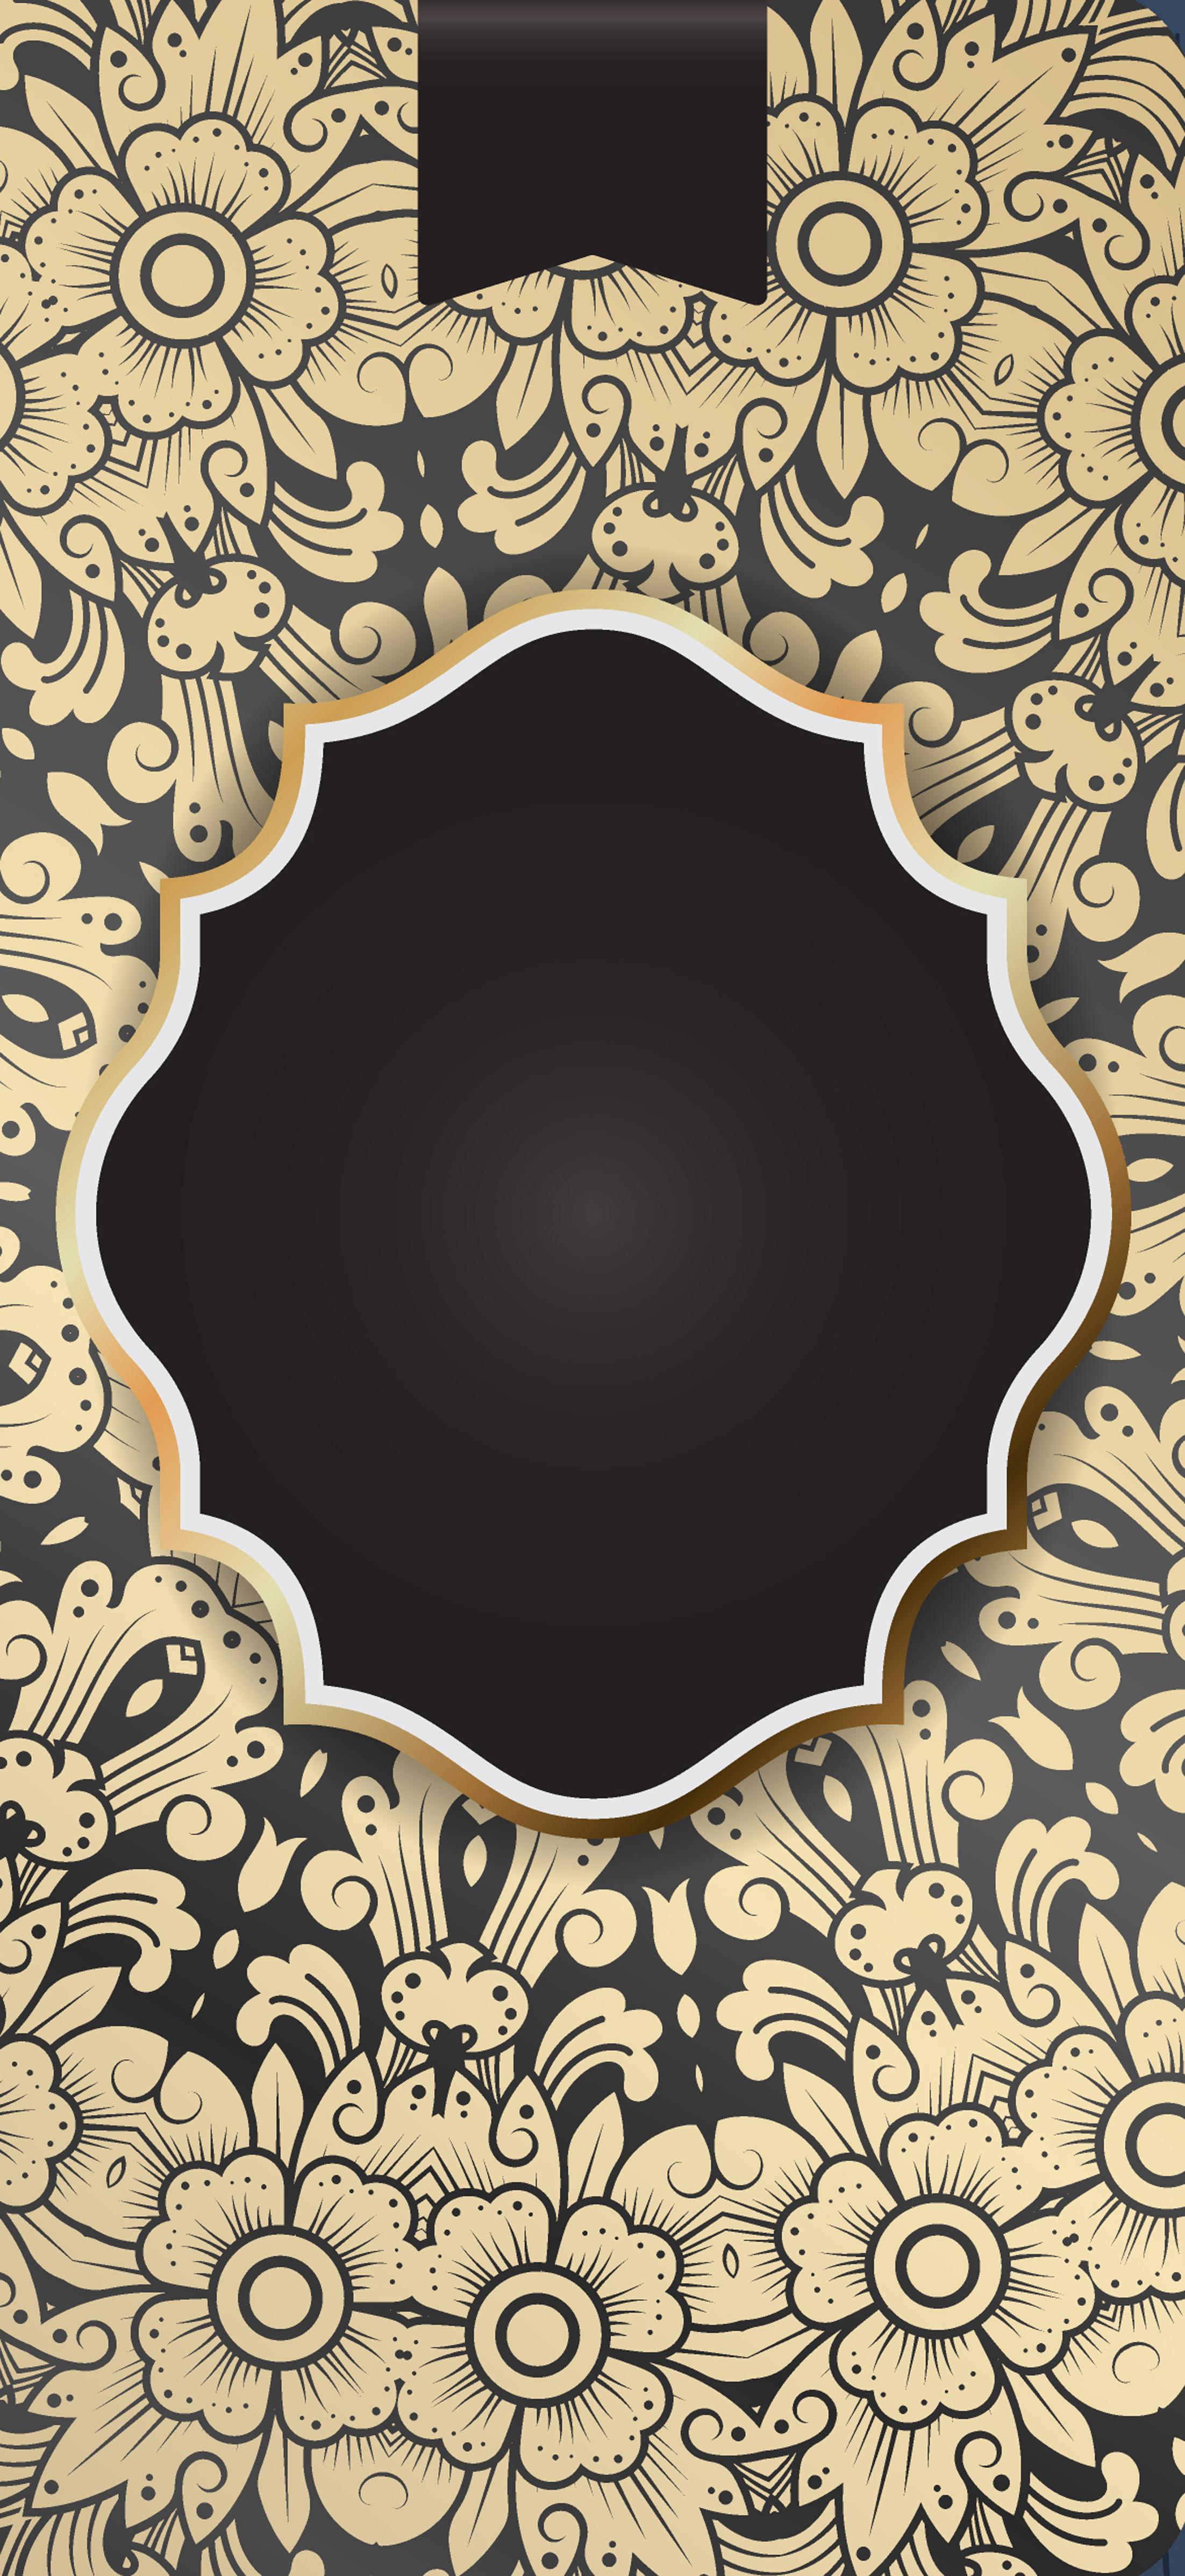 le motif de la carte d invitation de fond r u00e9tro motif